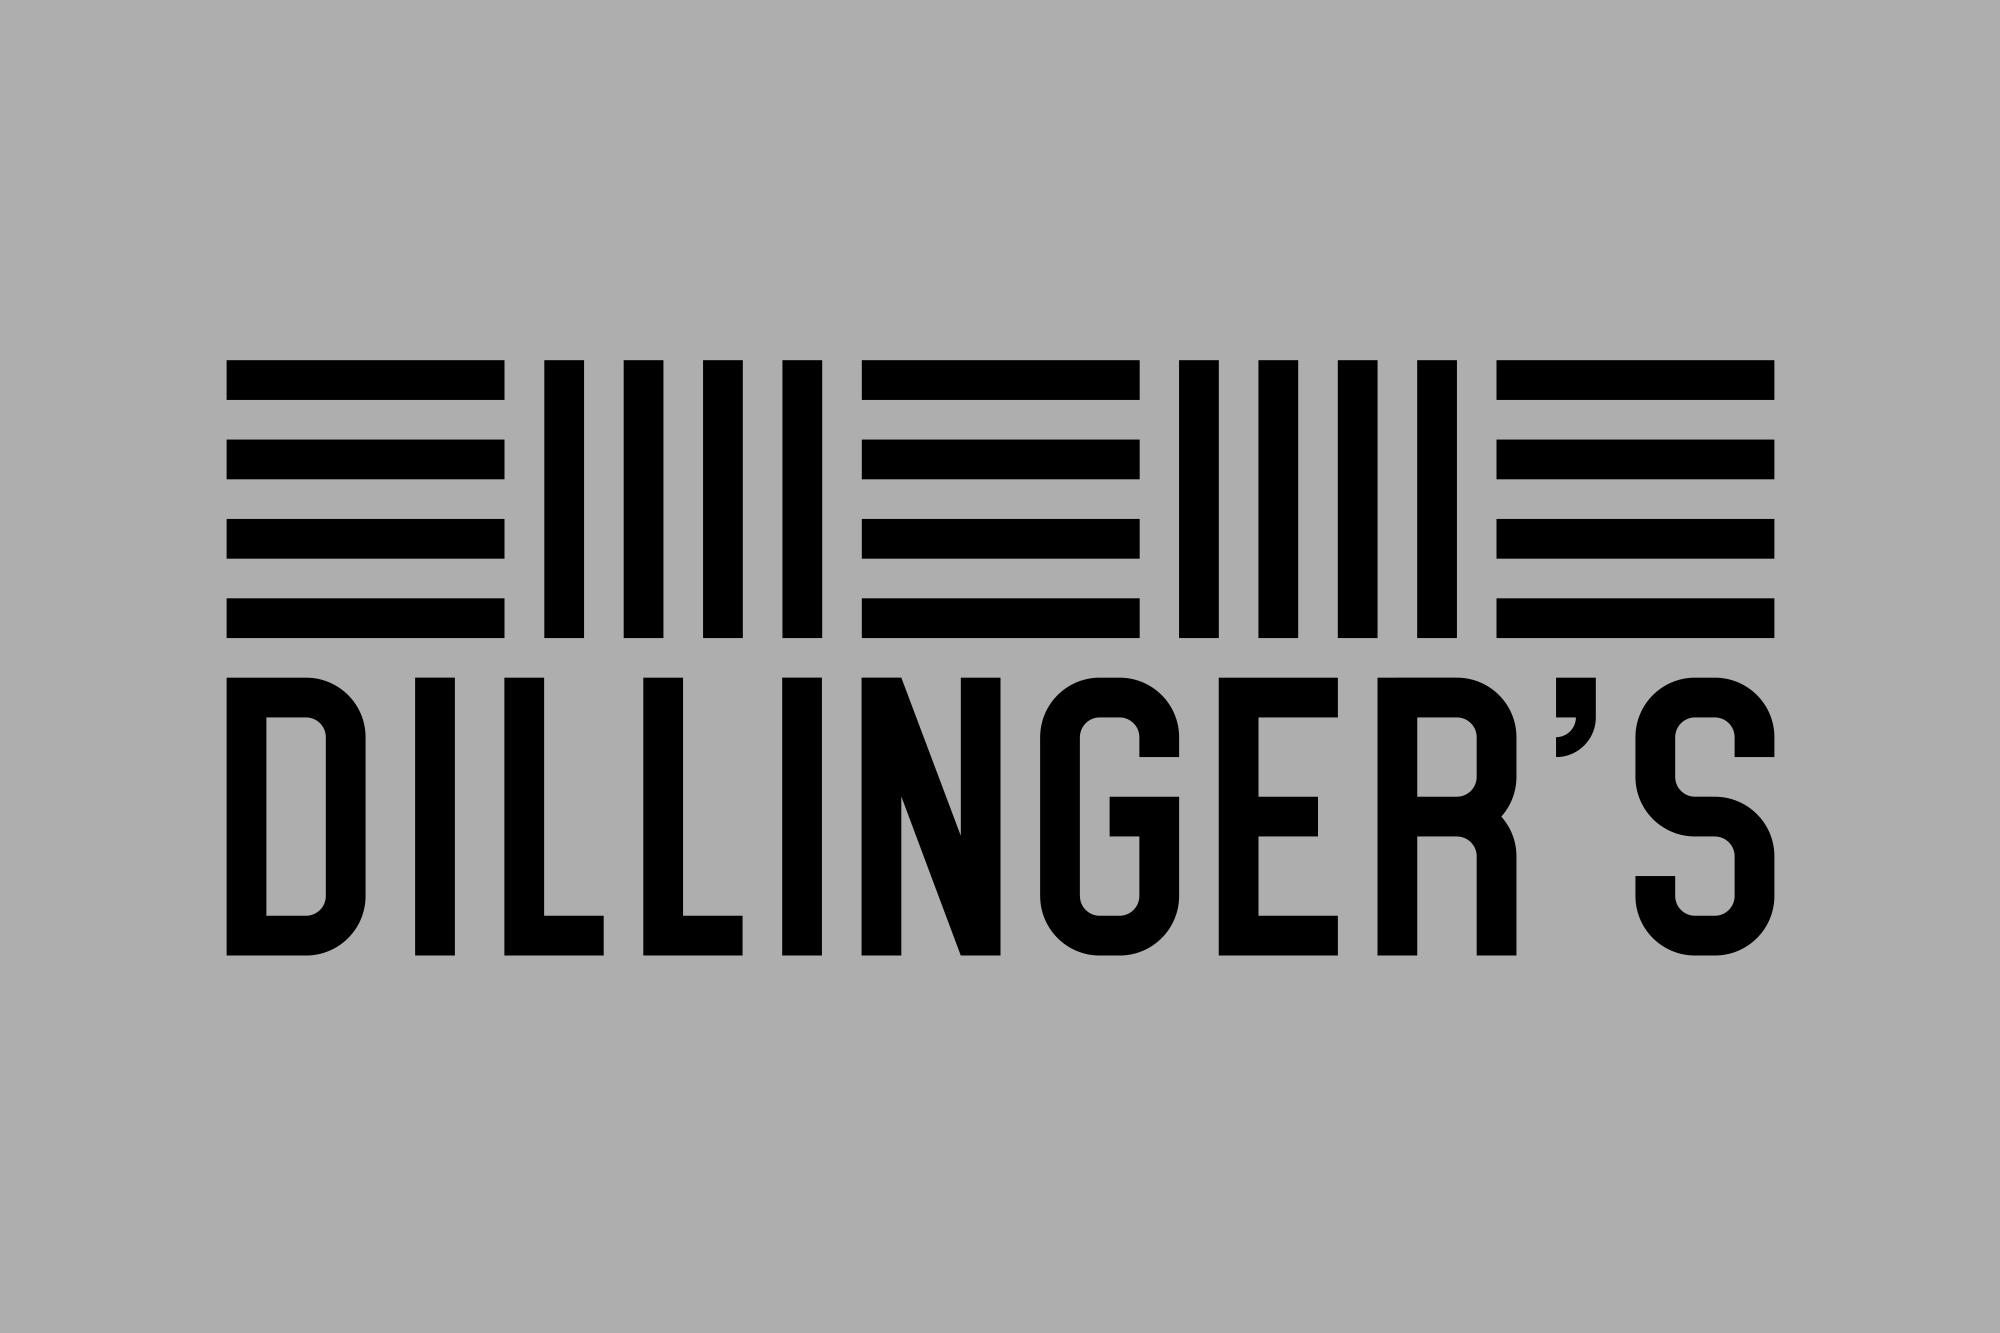 Cover image: Dillinger's Restaurant